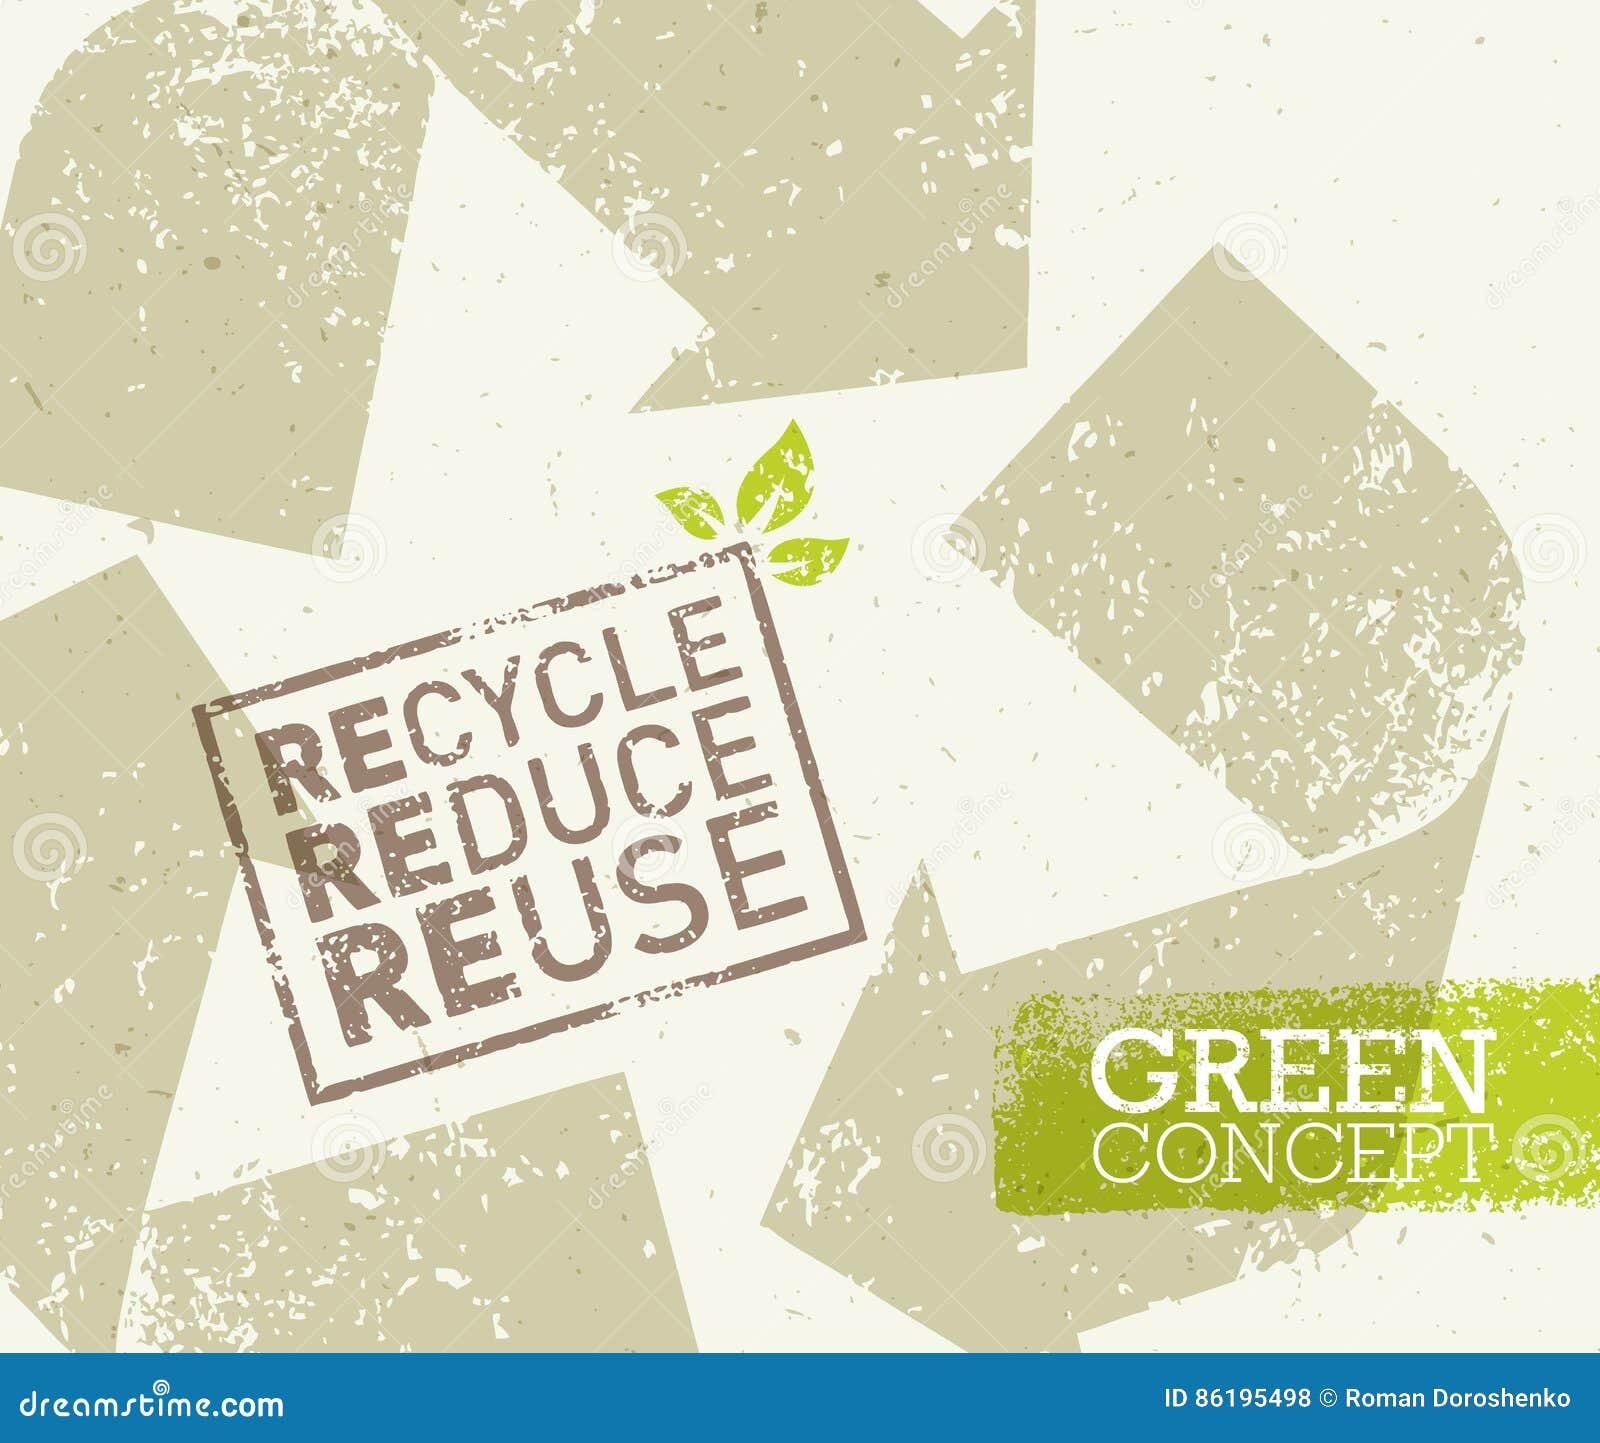 Πηγαίνετε πράσινος ανακύκλωσης μειώνει την έννοια αφισών Eco επαναχρησιμοποίησης Διανυσματική δημιουργική οργανική απεικόνιση στο